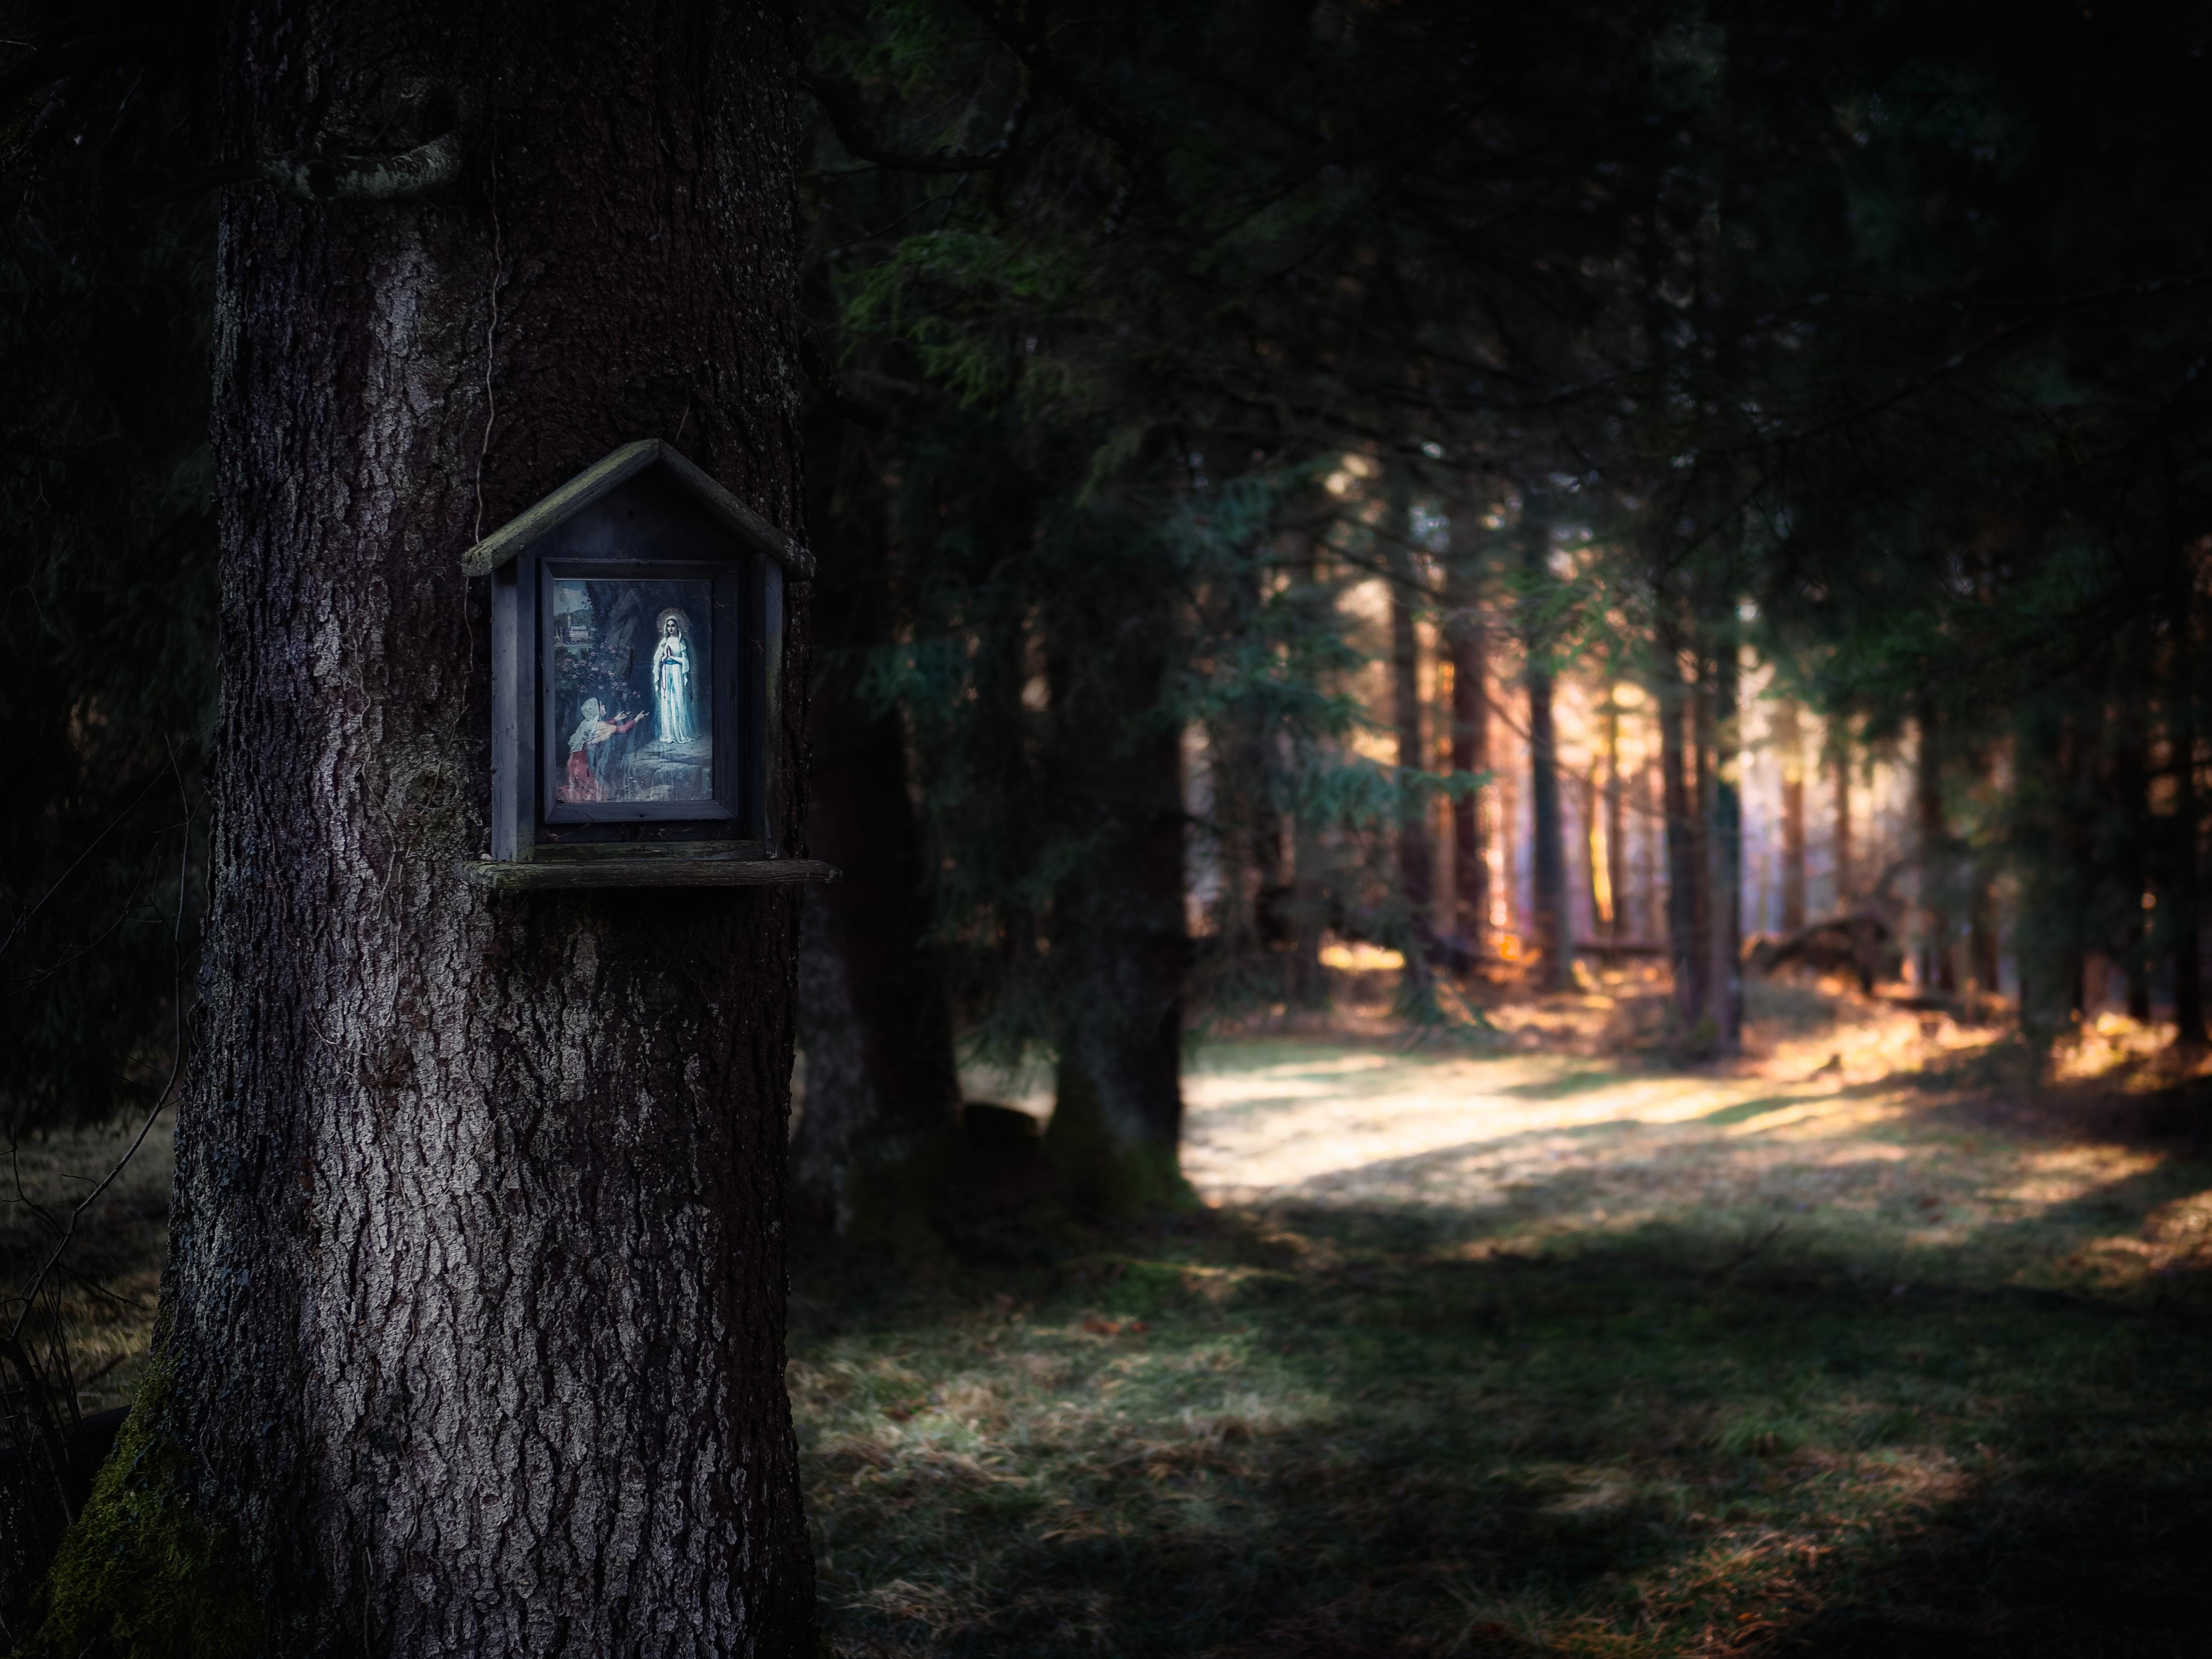 Kapliczka na drzewie w lesie